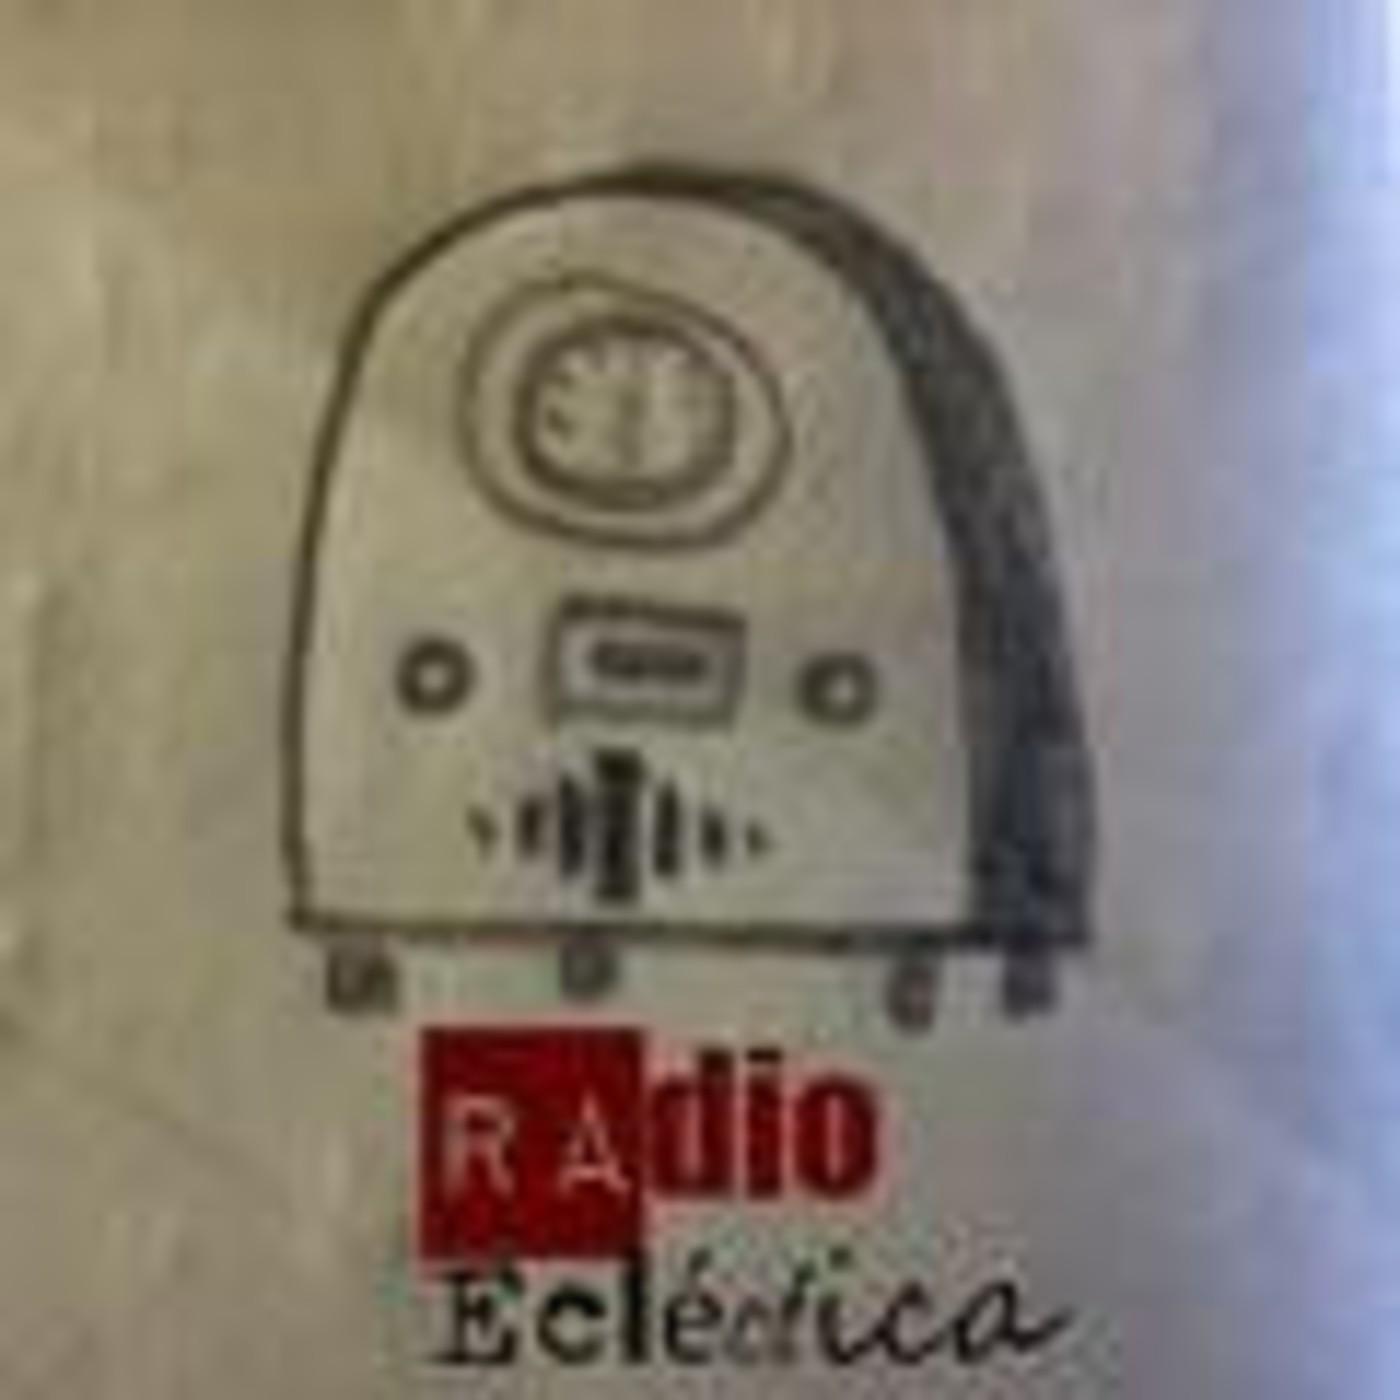 RadioEcléctica Show